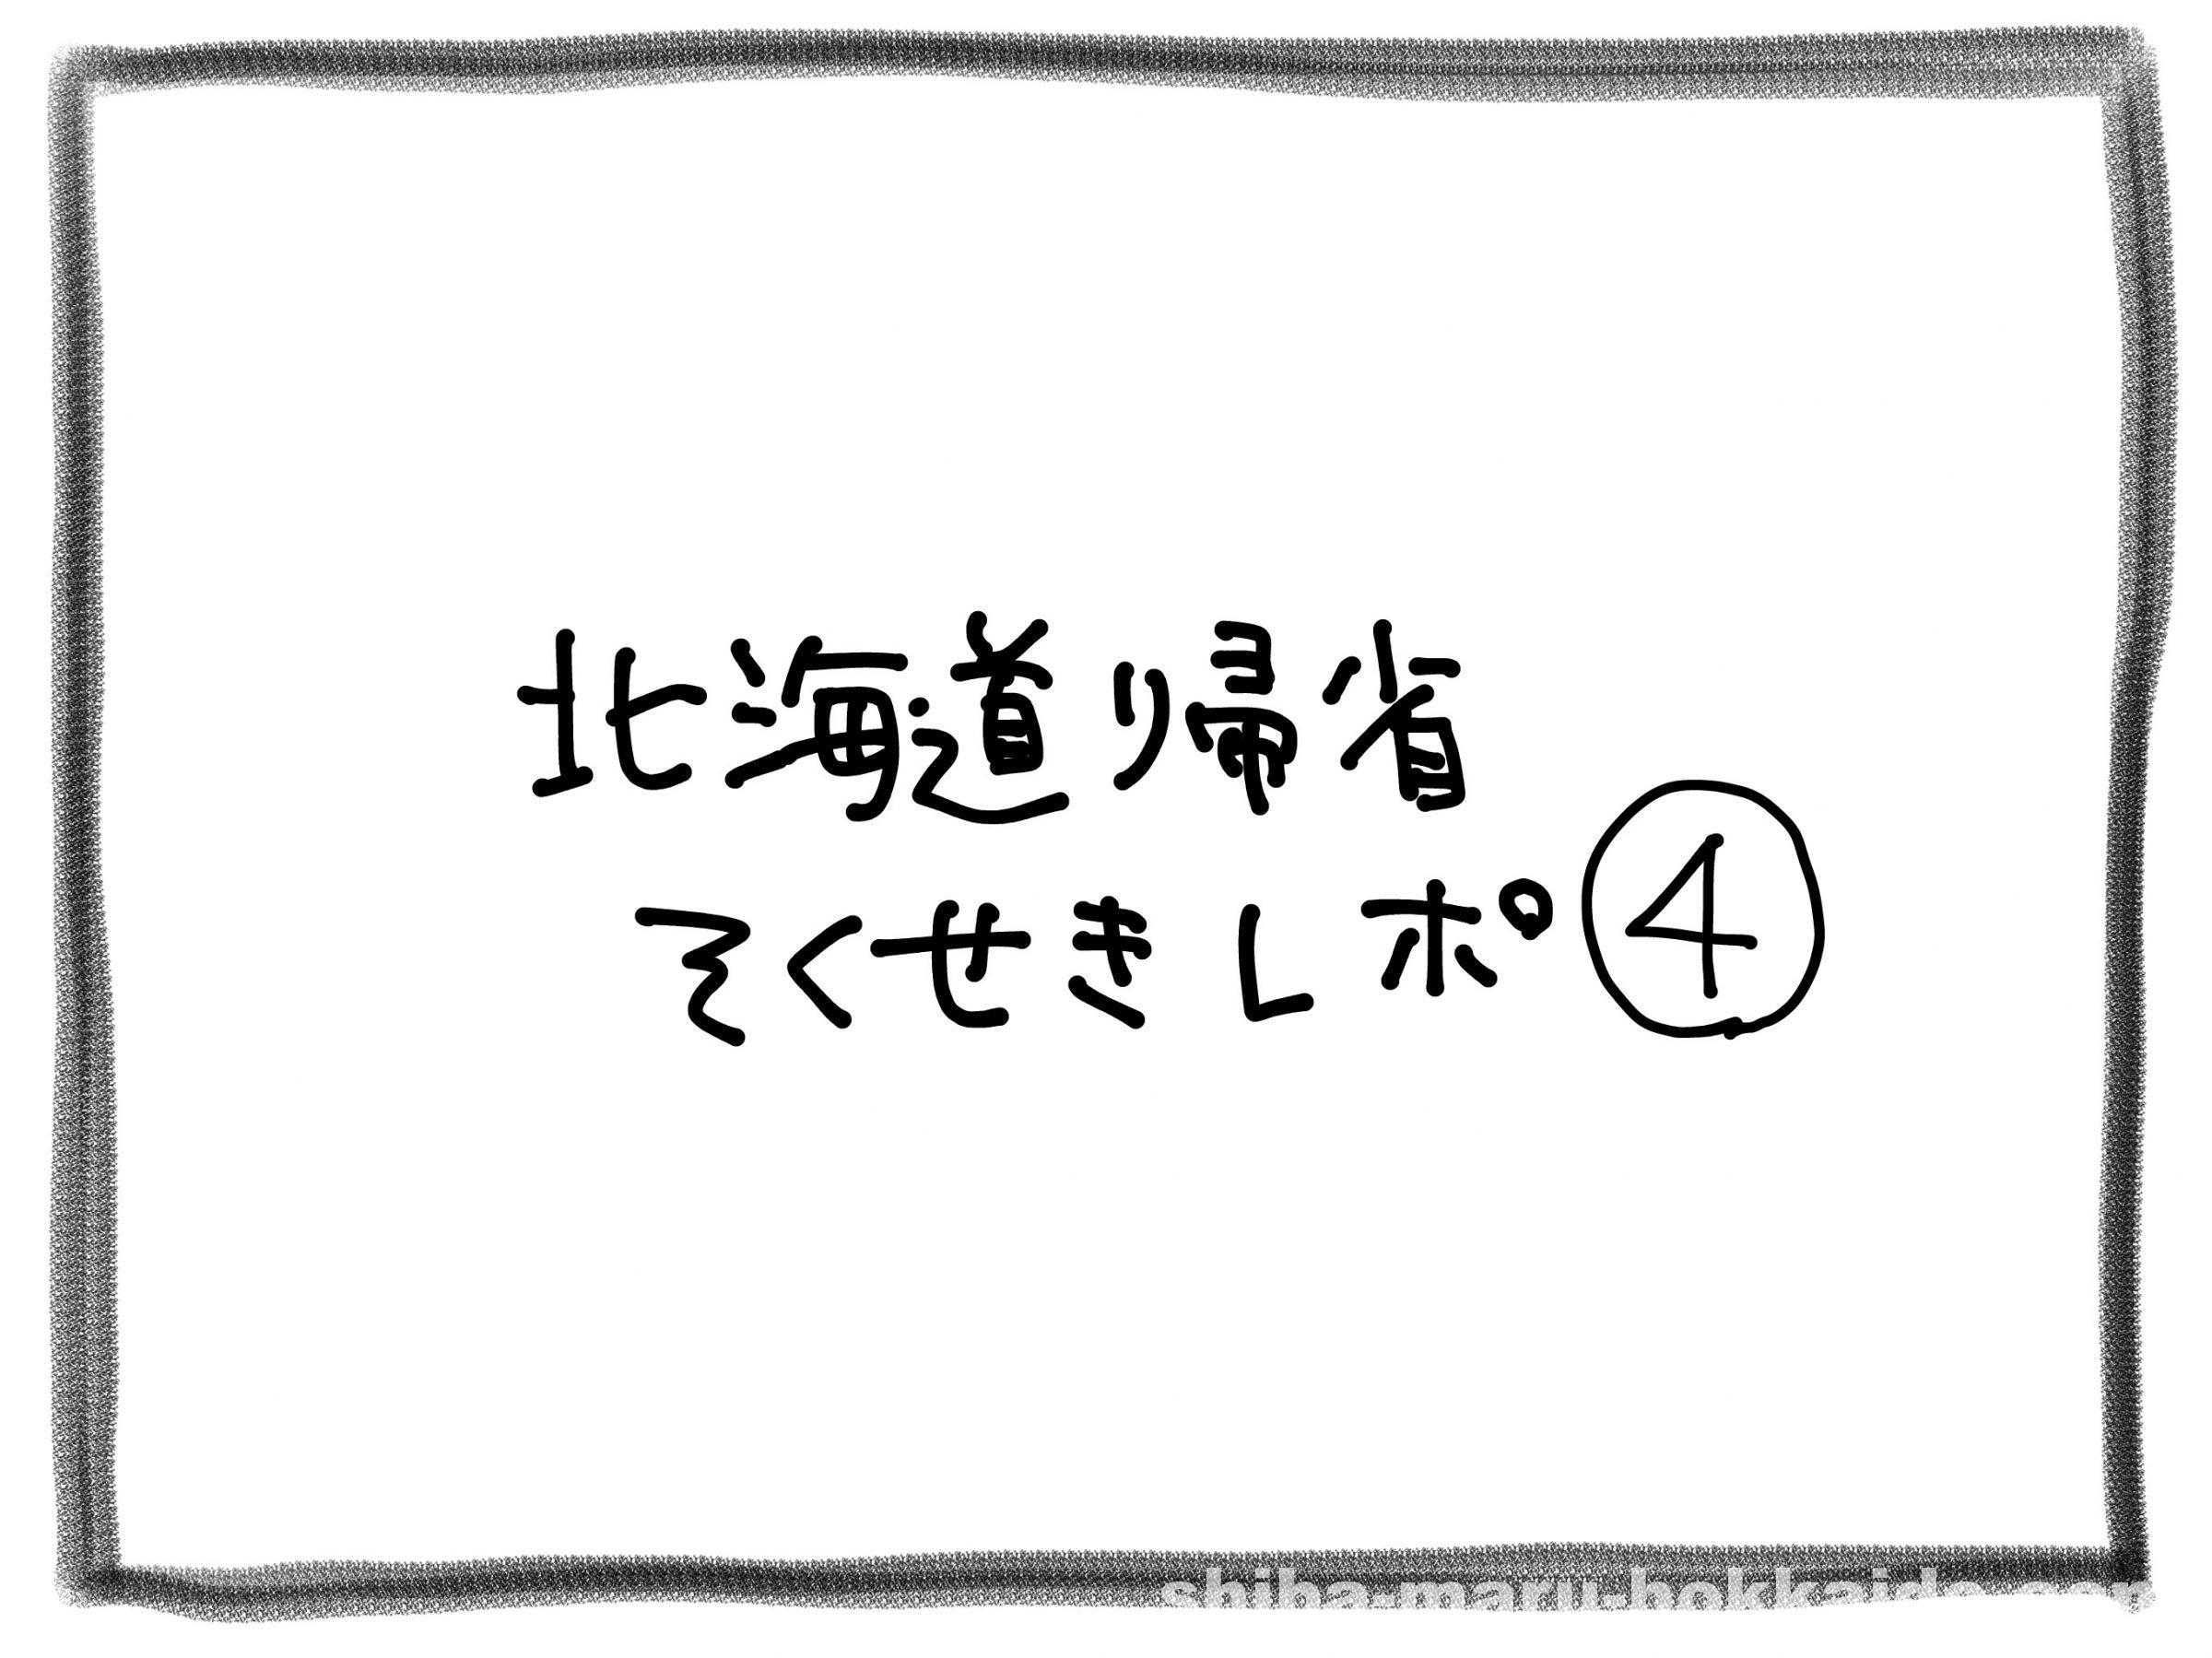 北海道帰省即席レポ④柴犬のヘアゴムを札幌で買った結果…